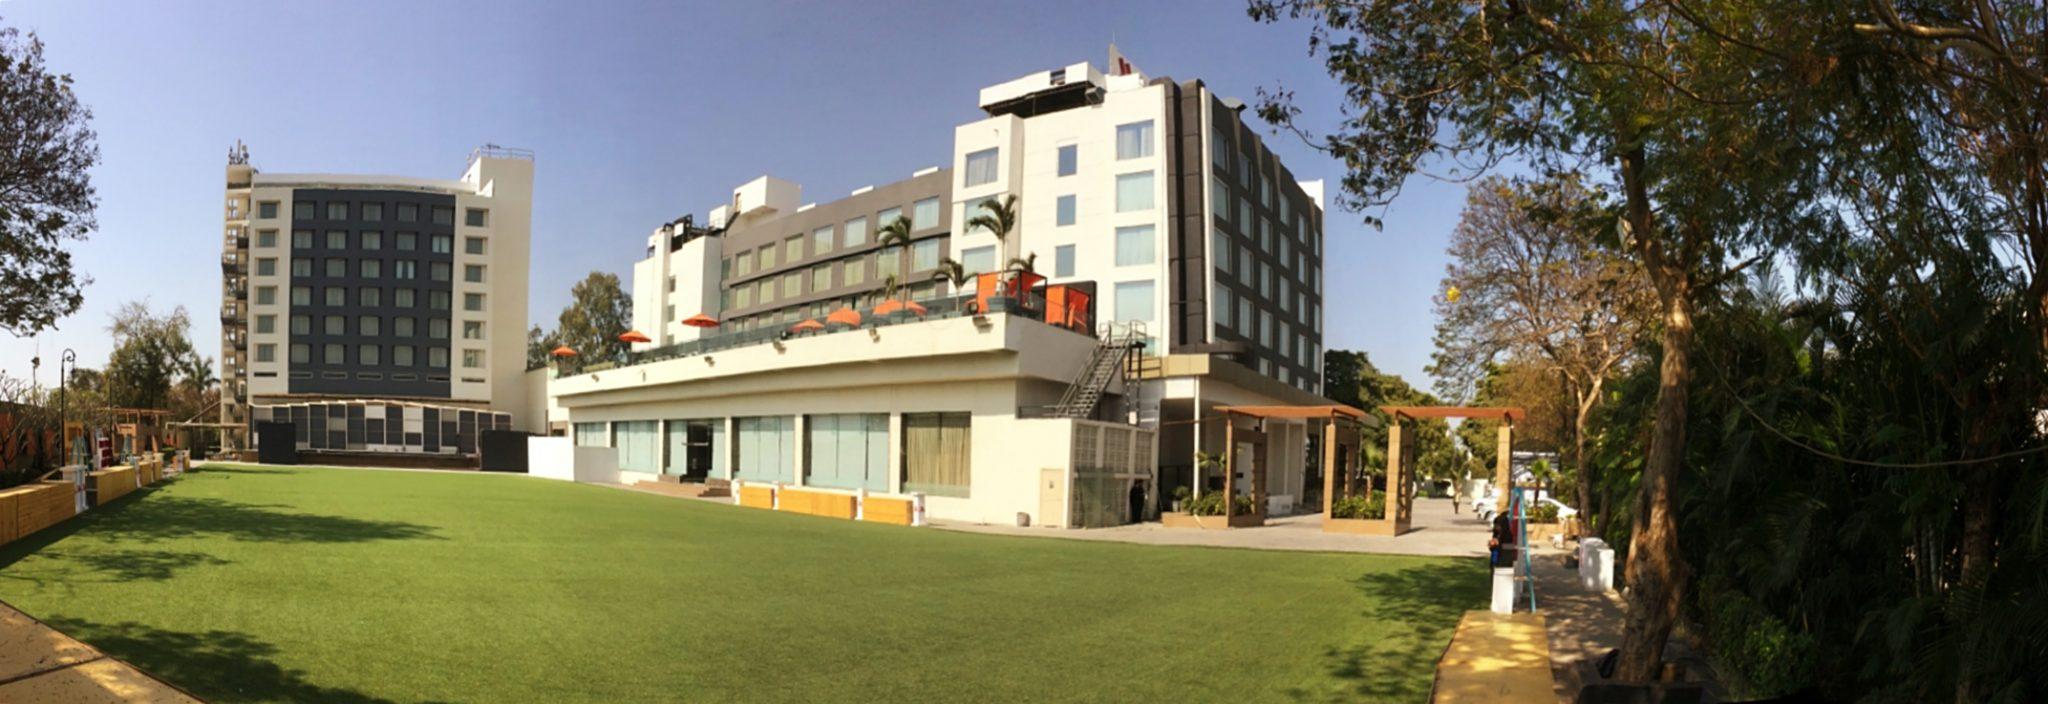 Indore Marriott Tower I & II